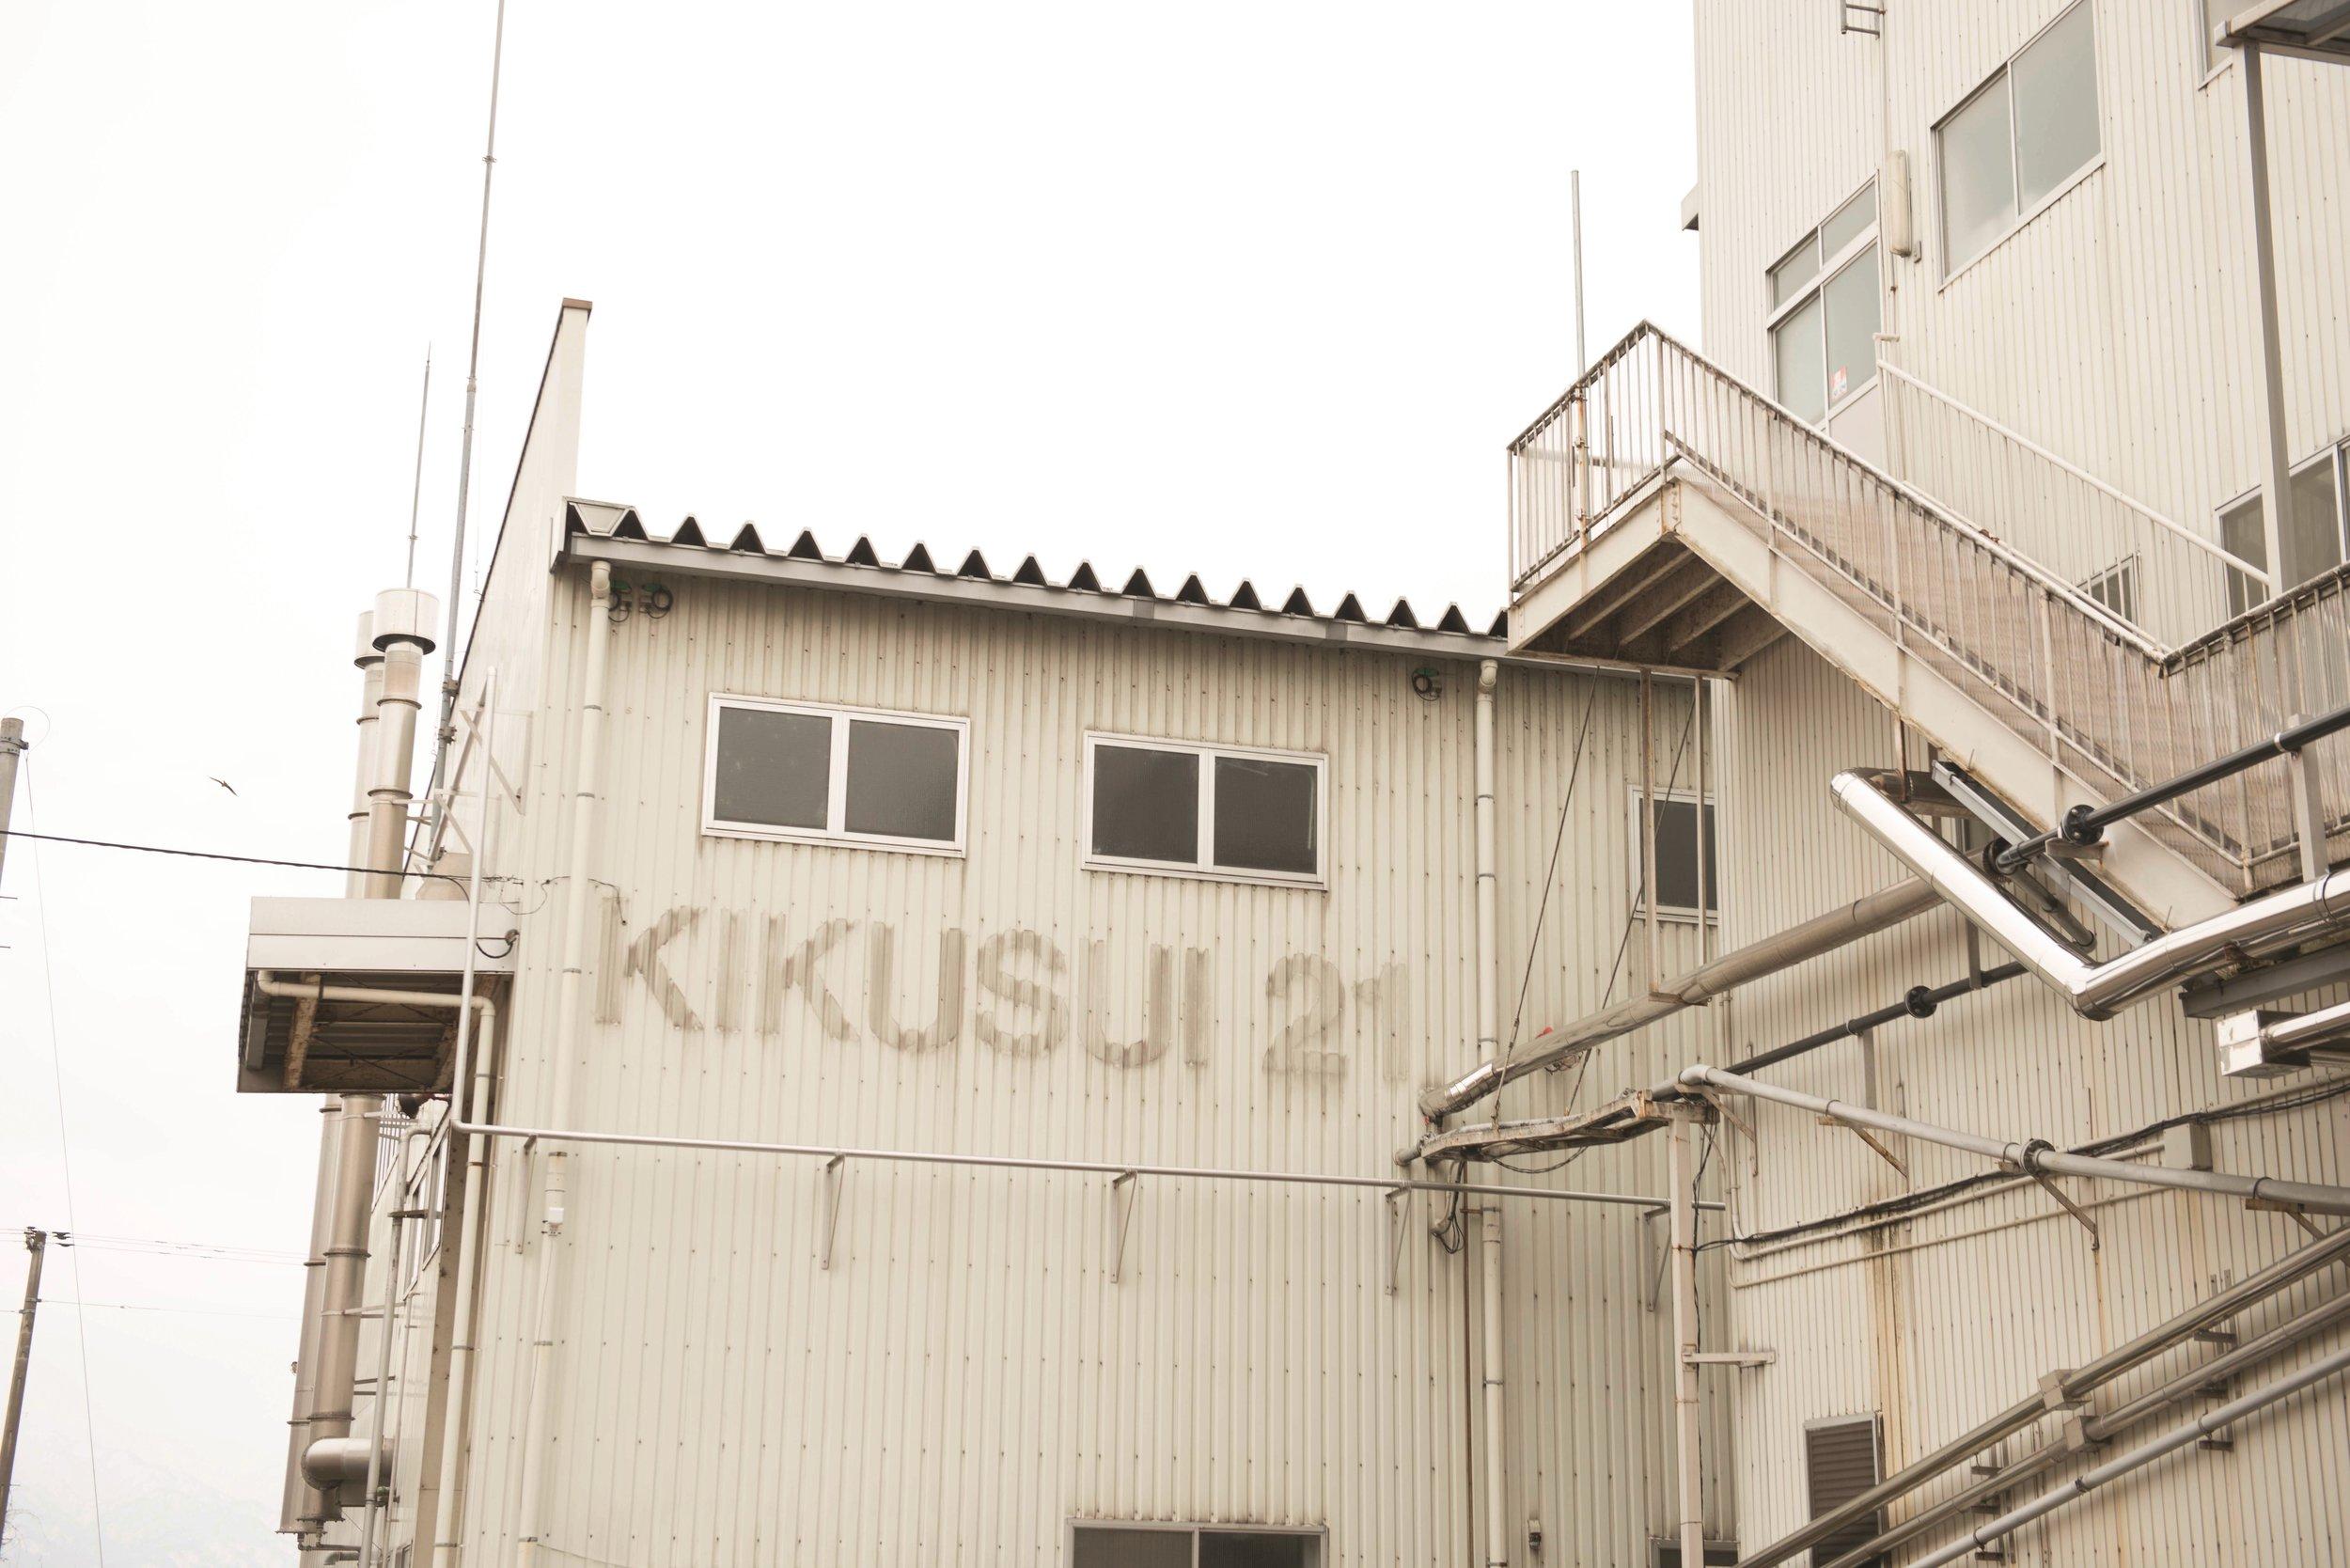 Kikusui. Image by Jason M. Lang, courtesy of Gatehouse Publishing.